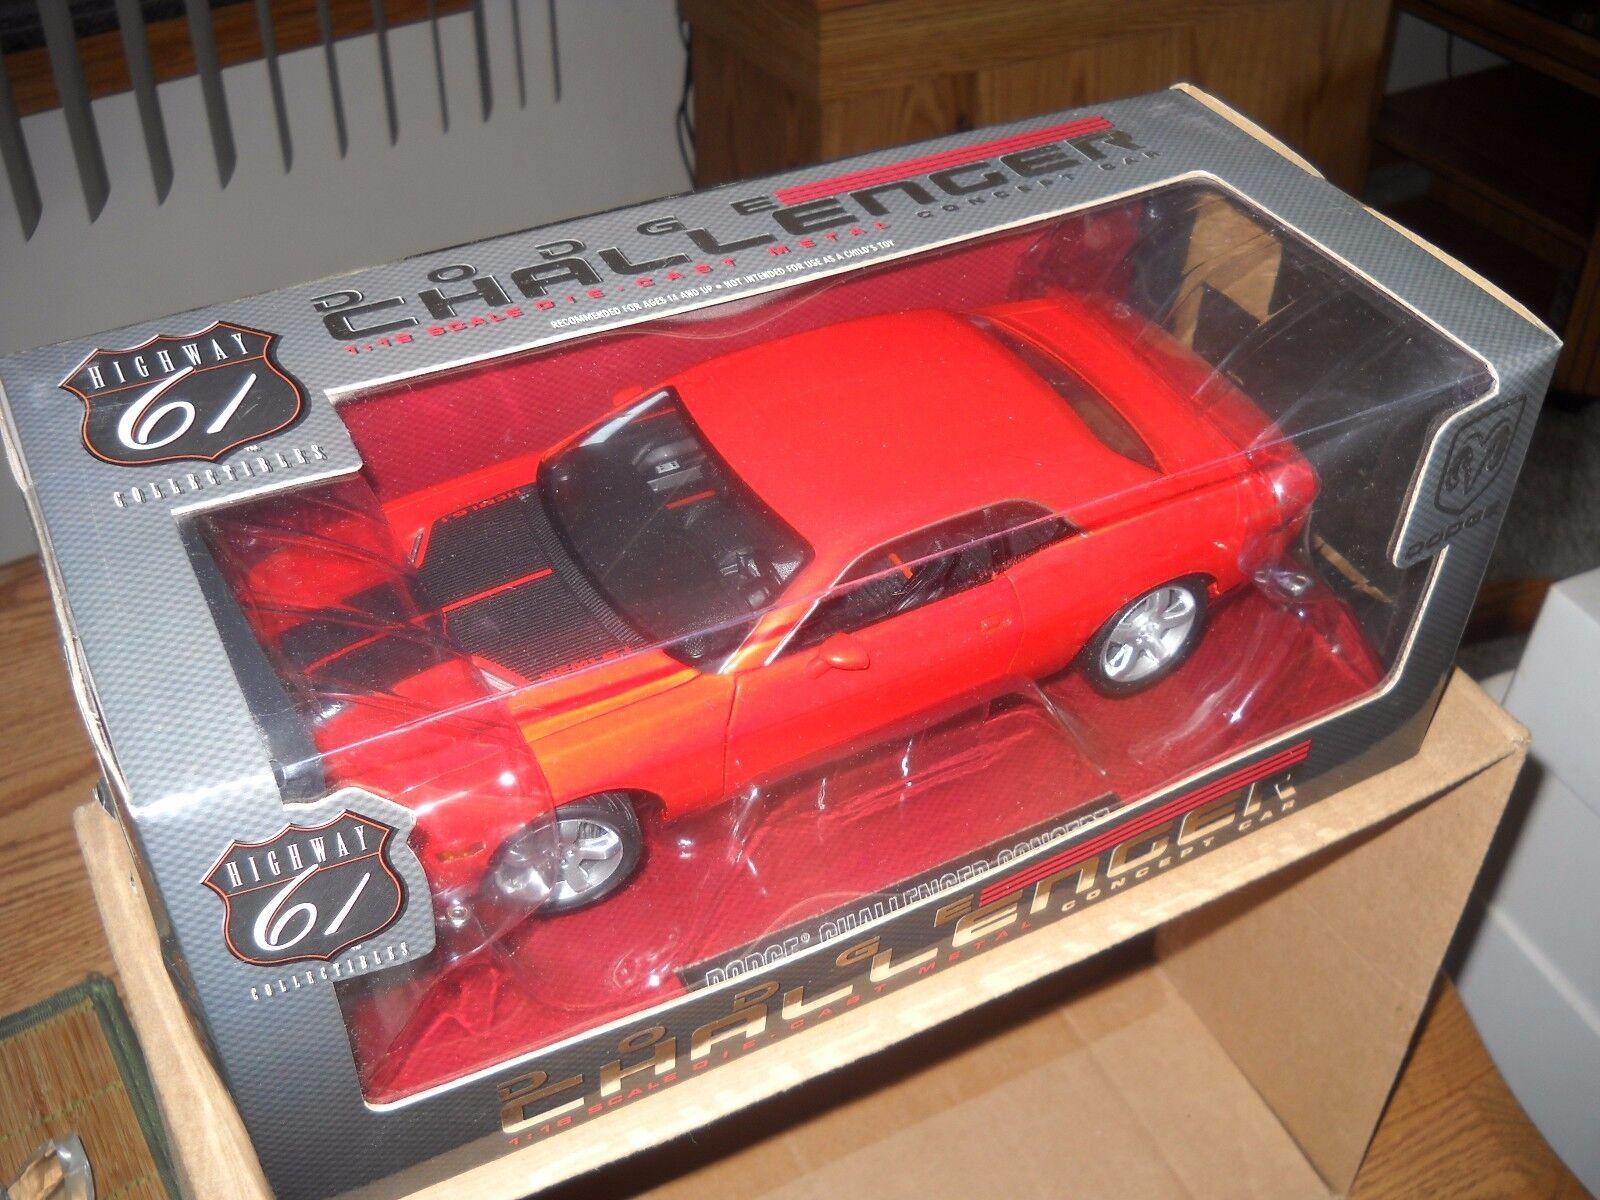 Die autobahn 61  dodge challenger concept car - hemi 6,1 -   50502-Orange-1   18 - skala